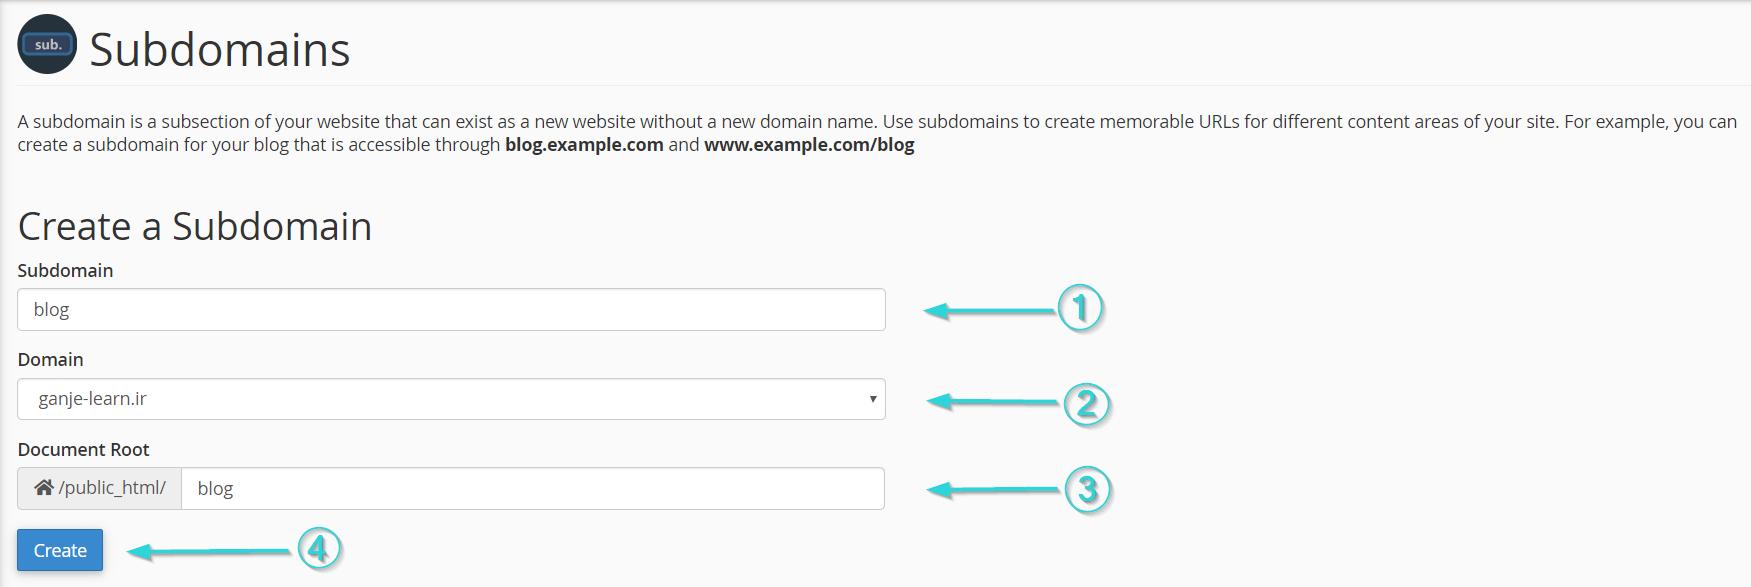 """در بخش """"Subdomains"""" اطلاعت مربوط به زیر دامنه را وارد کنید."""